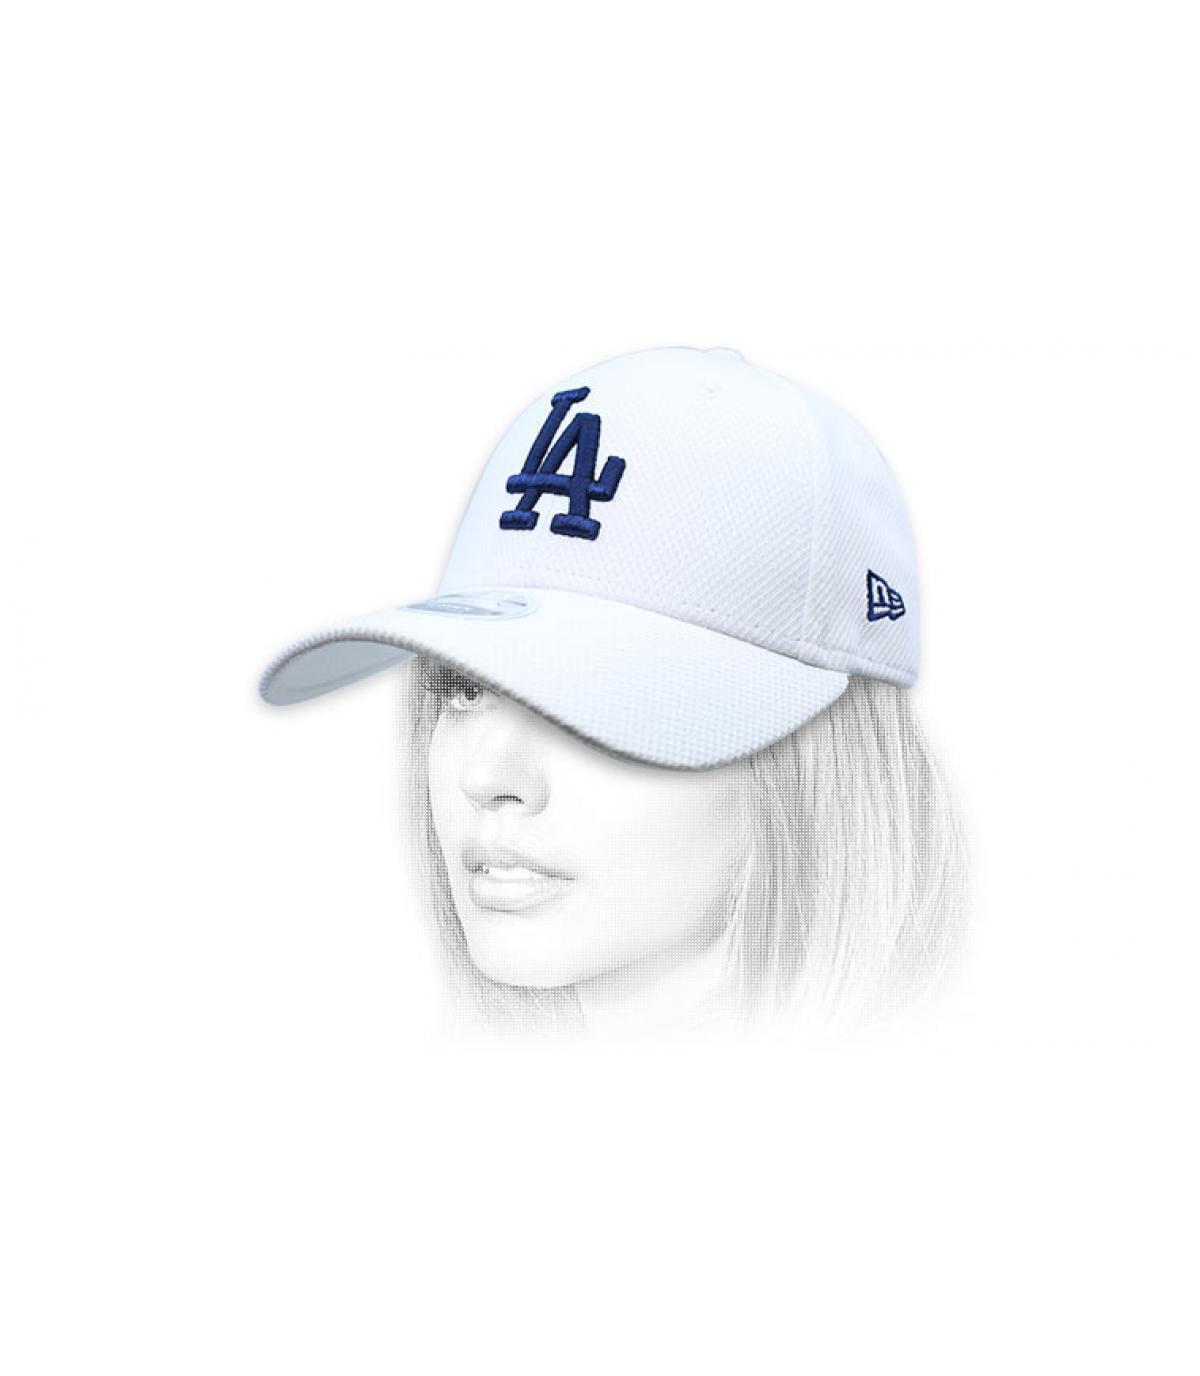 casquette LA femme blanc bleu